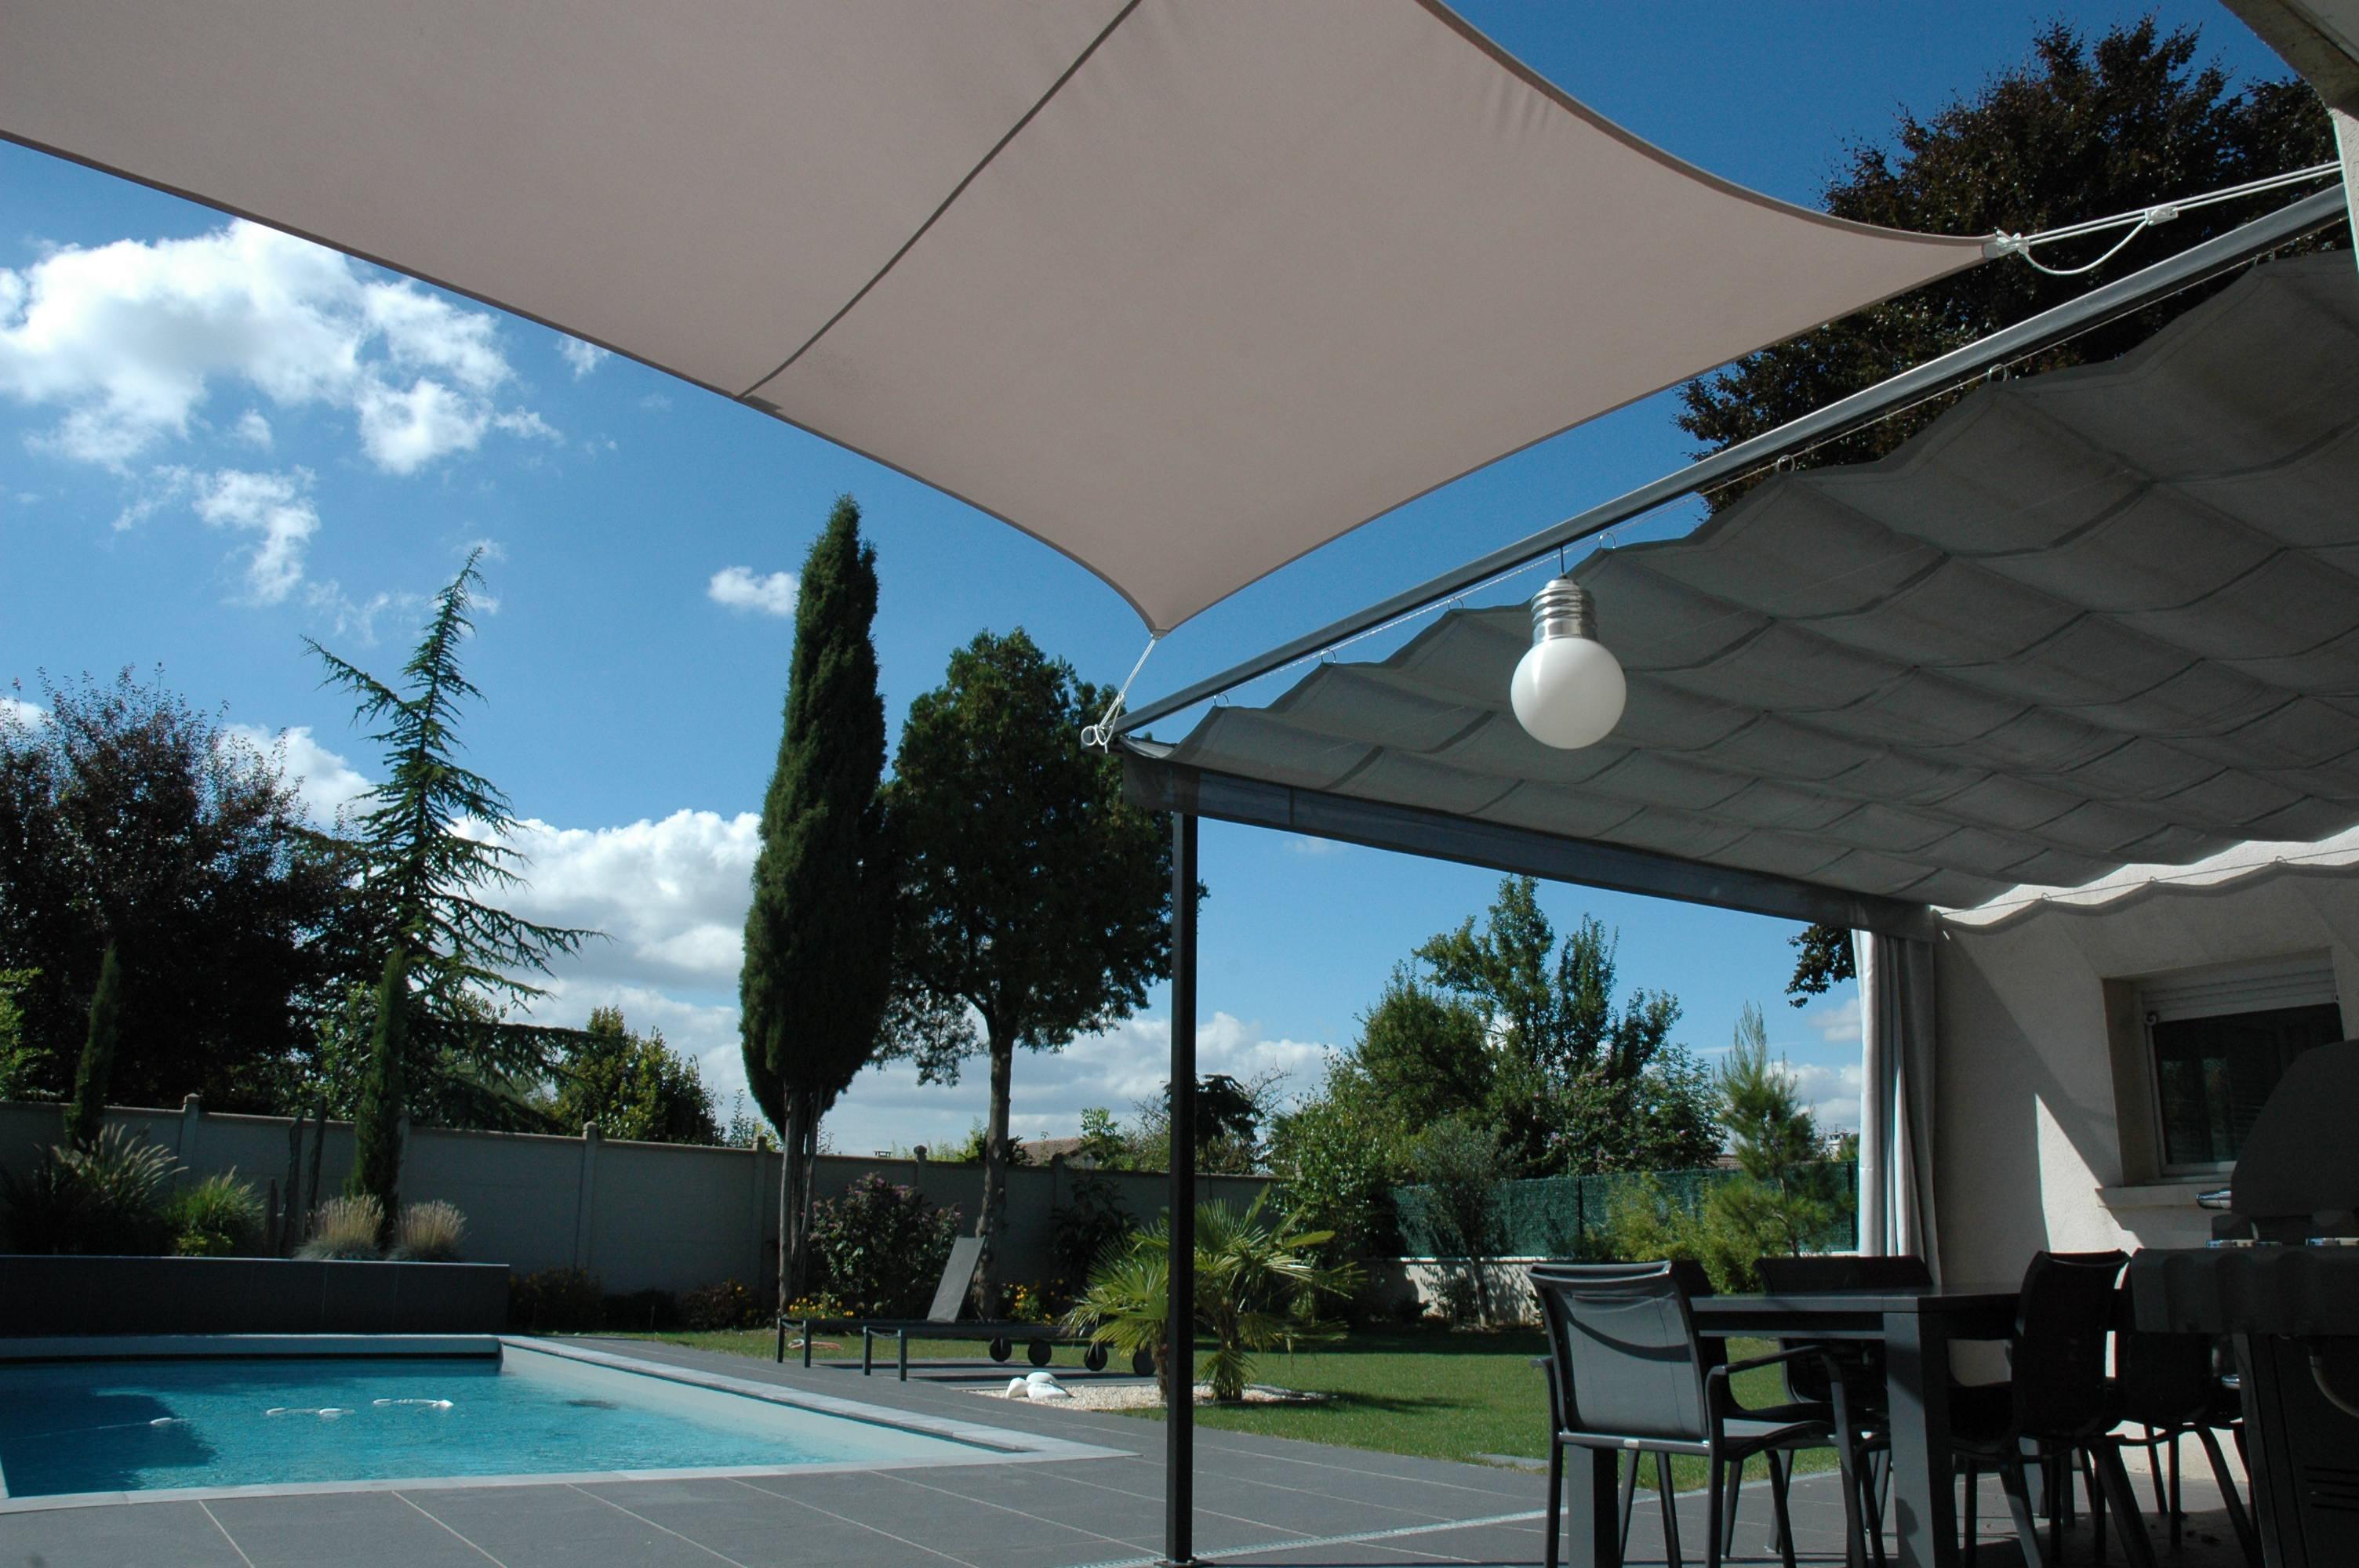 pergola à voile rétractable et voile extensible fixe apportent l'ombre design sur toute la terrasse